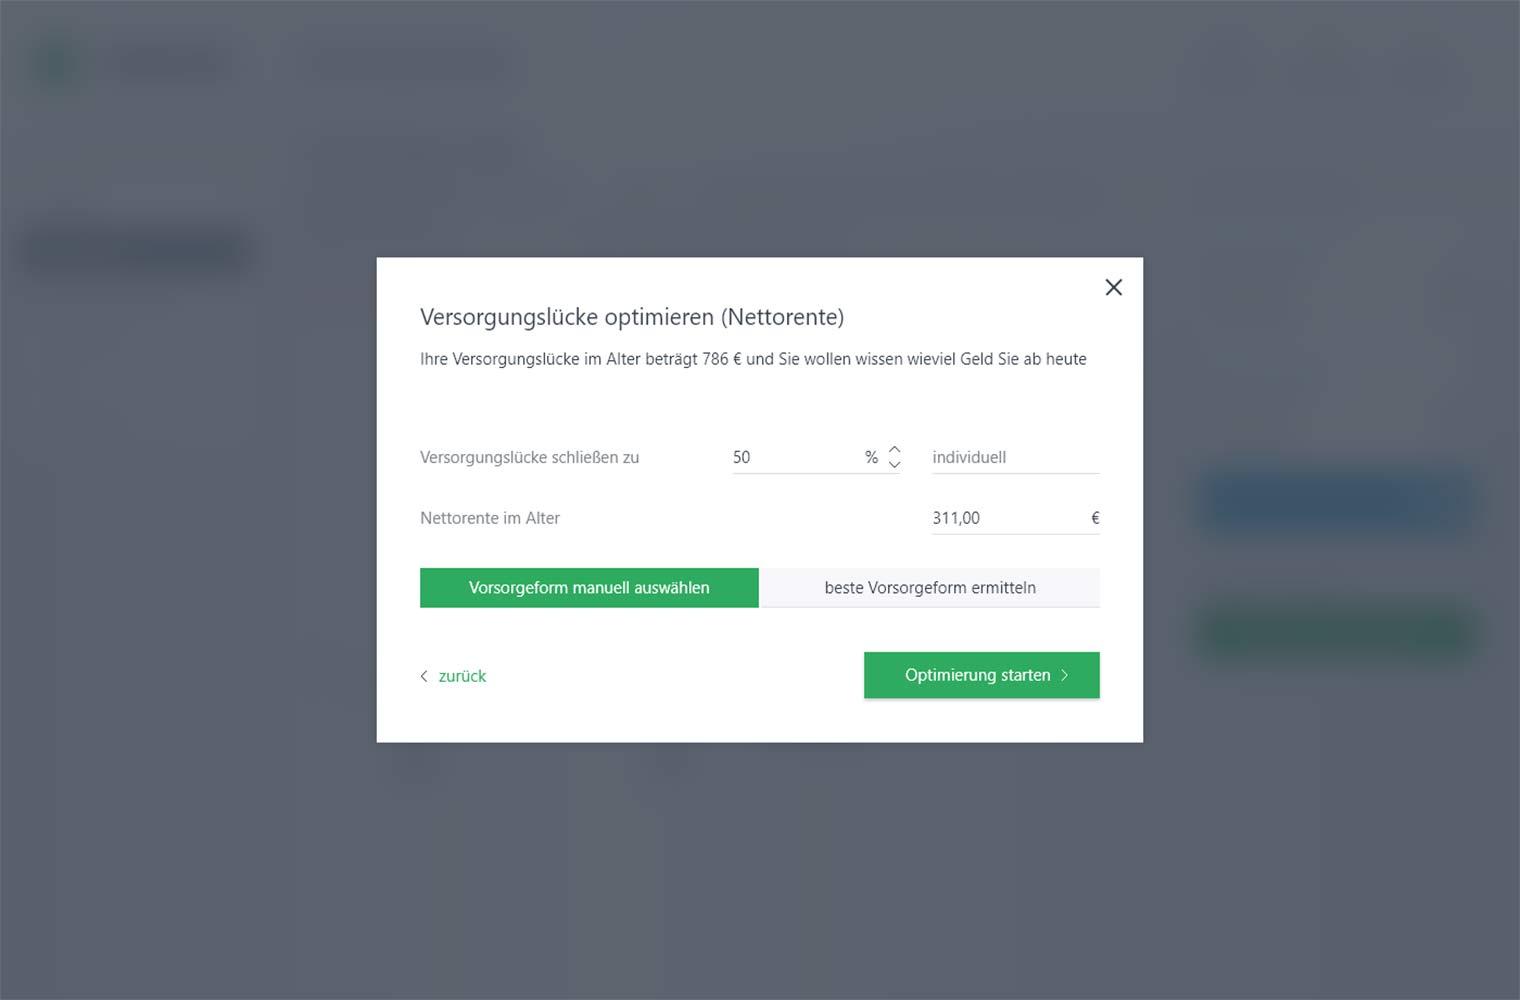 https://www.vorfina.de/wp-content/uploads/2018/12/Schichtenfinder-auf-Nettorente-optimieren@2x.jpg